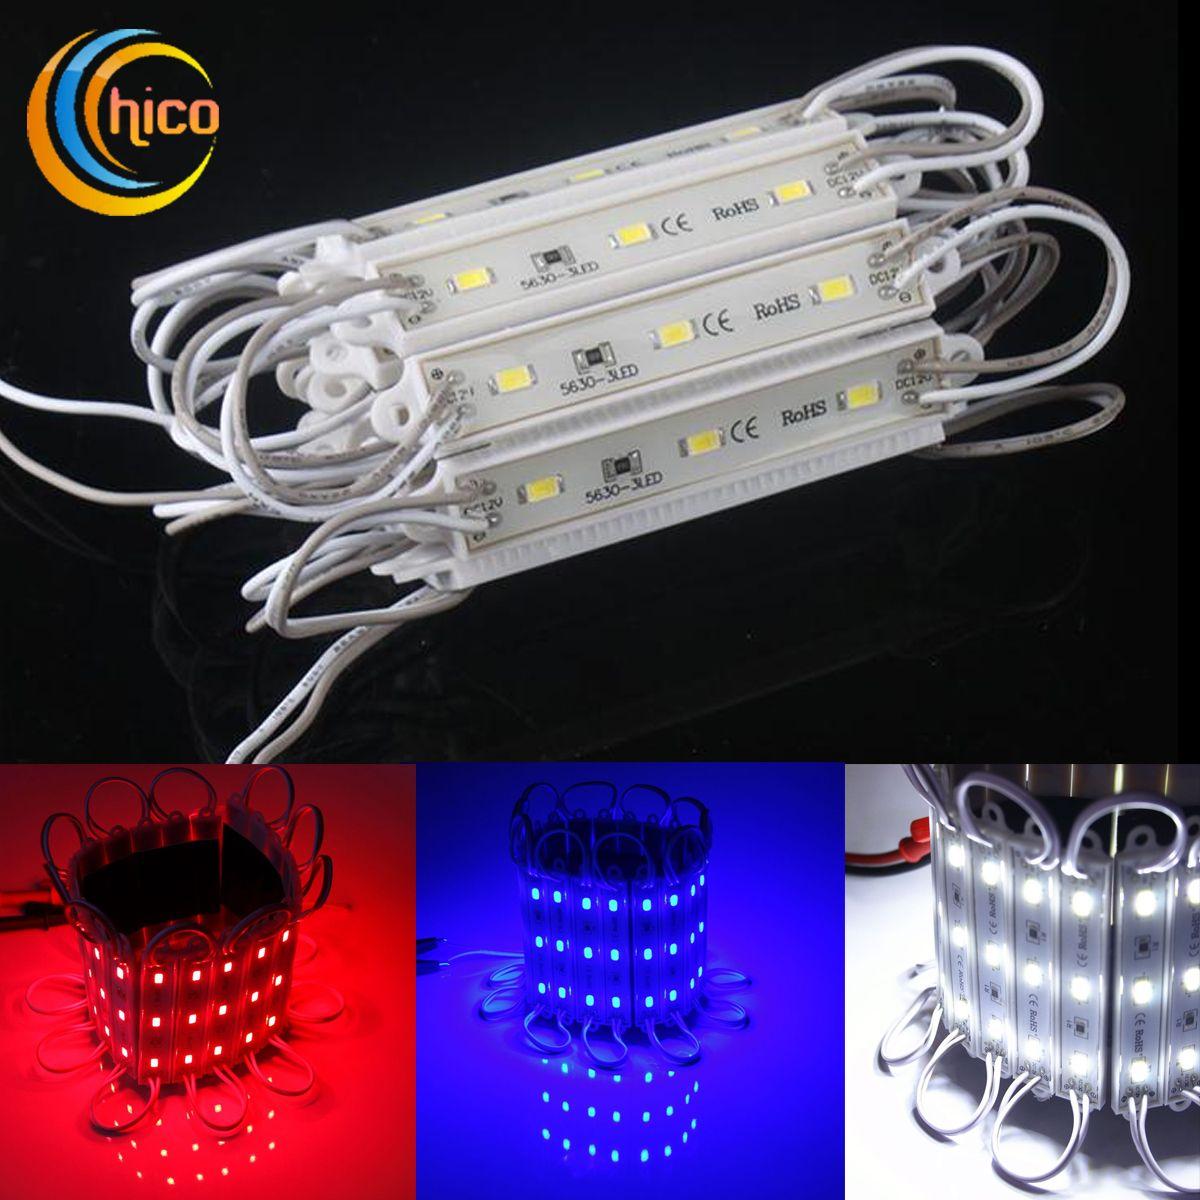 le module léger mené SMD 5730 3 le module de LED signalétique extérieur imperméable IP68 12V a mené des lettres de canal a mené des signes